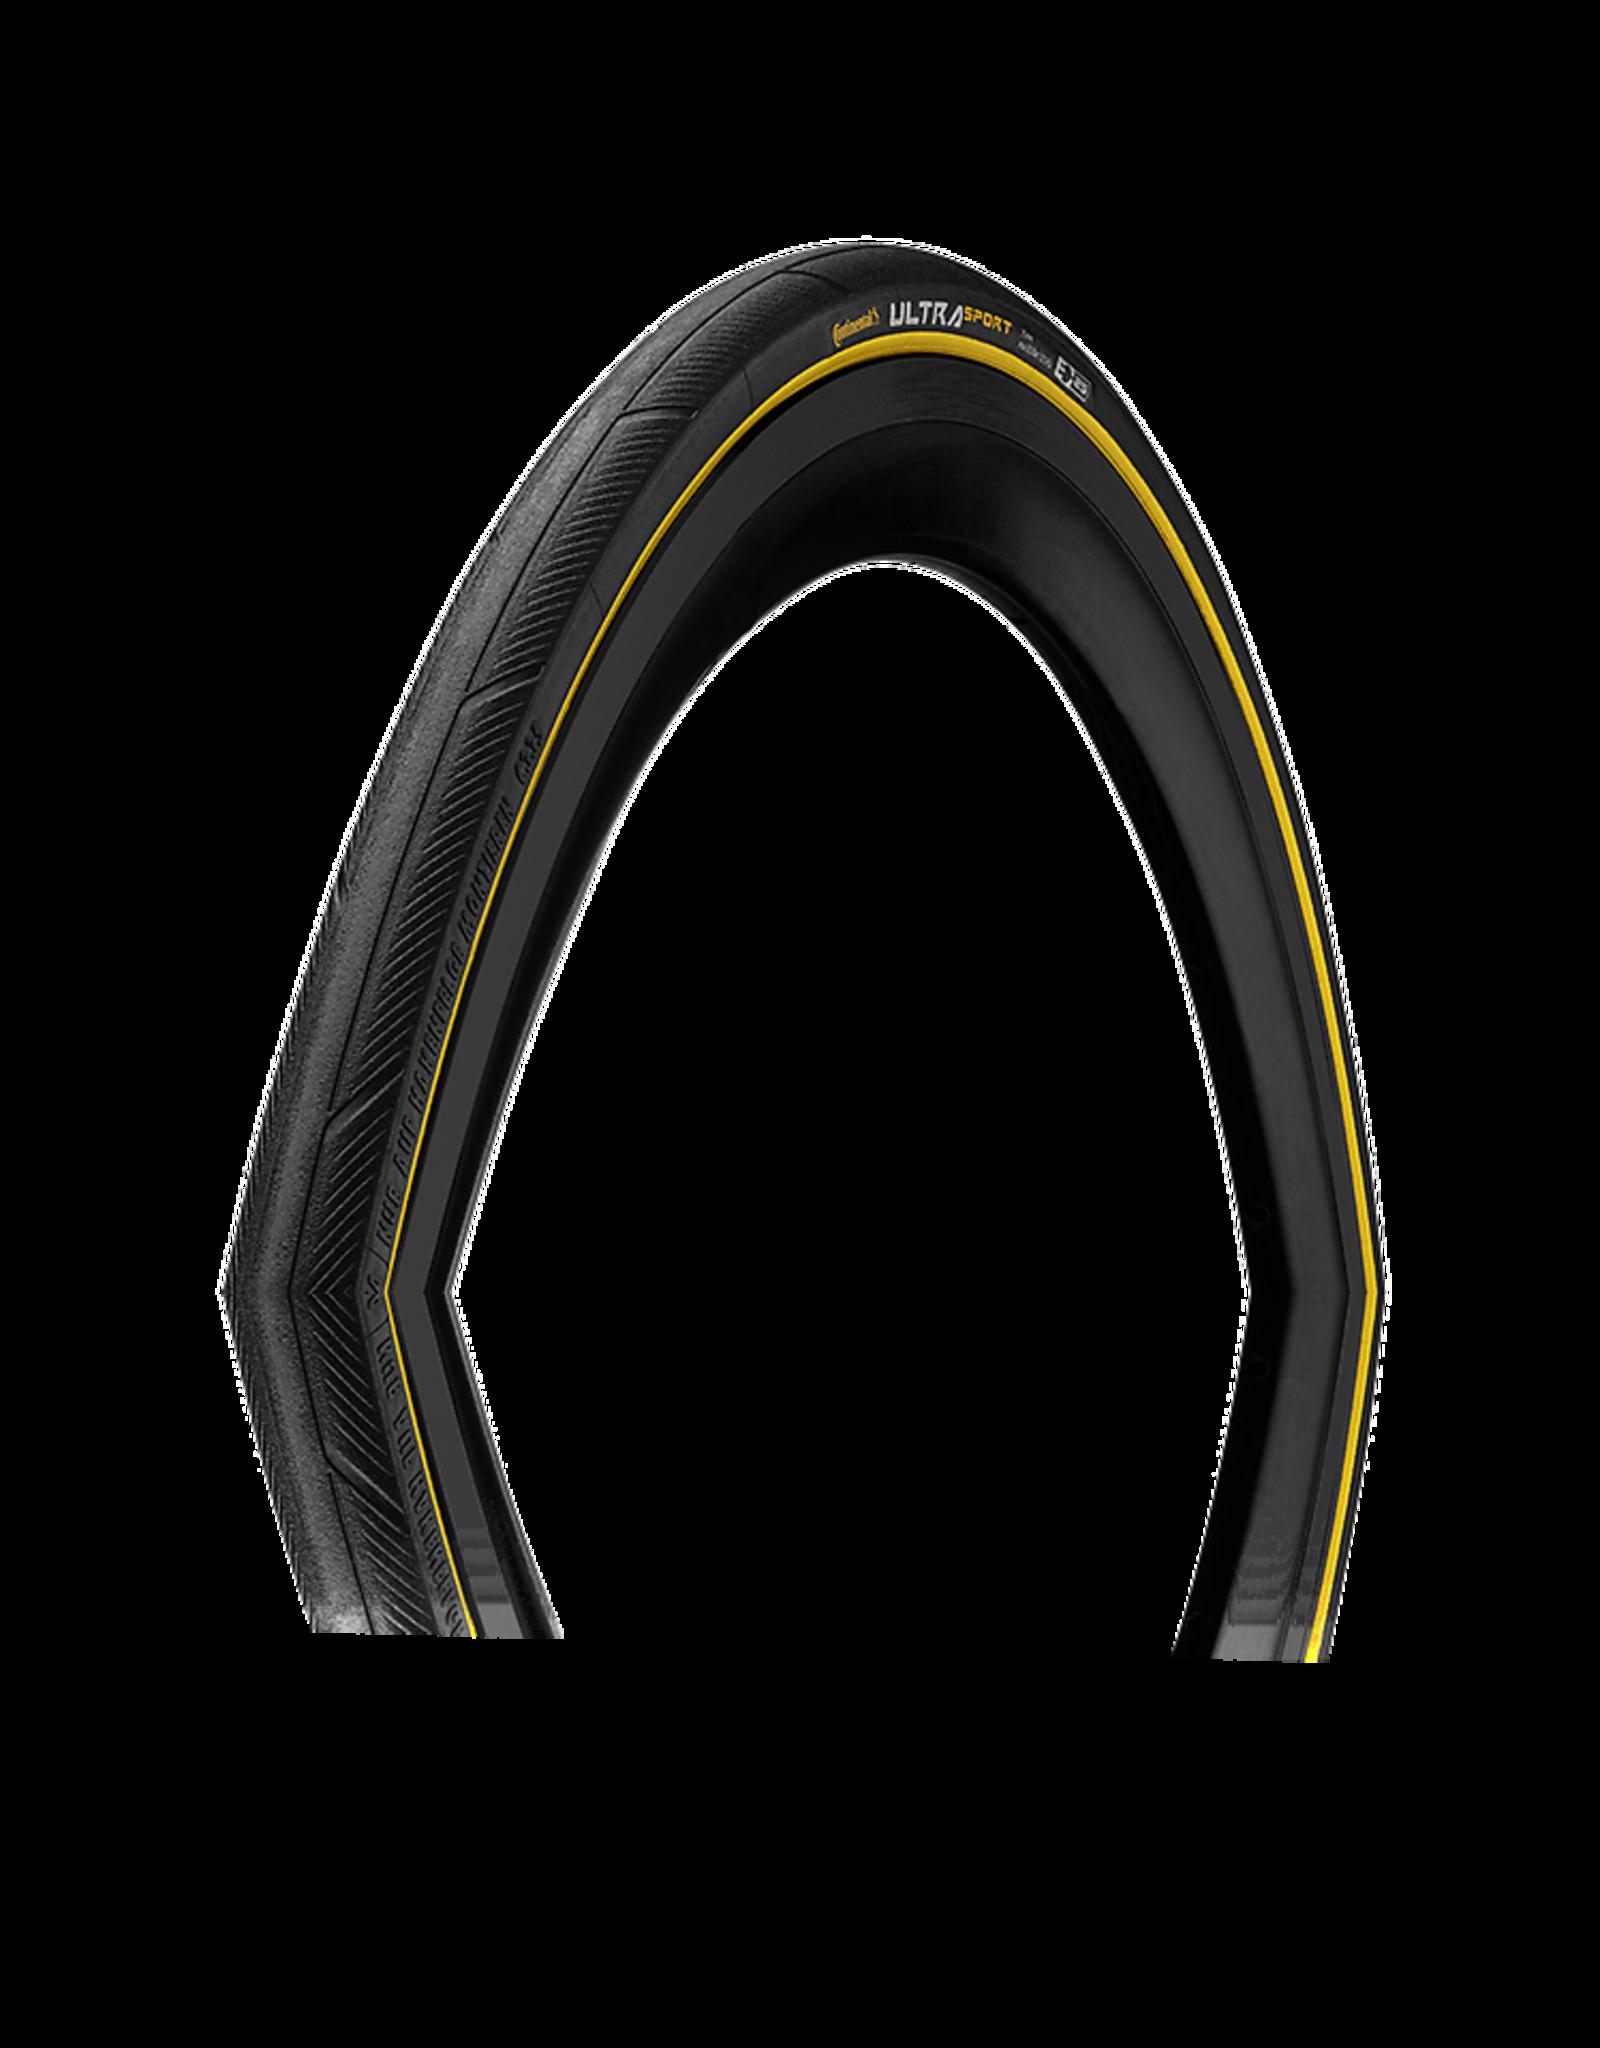 700X25 Ultra Sport III Tire, Clincher, Fold, Black, Continental